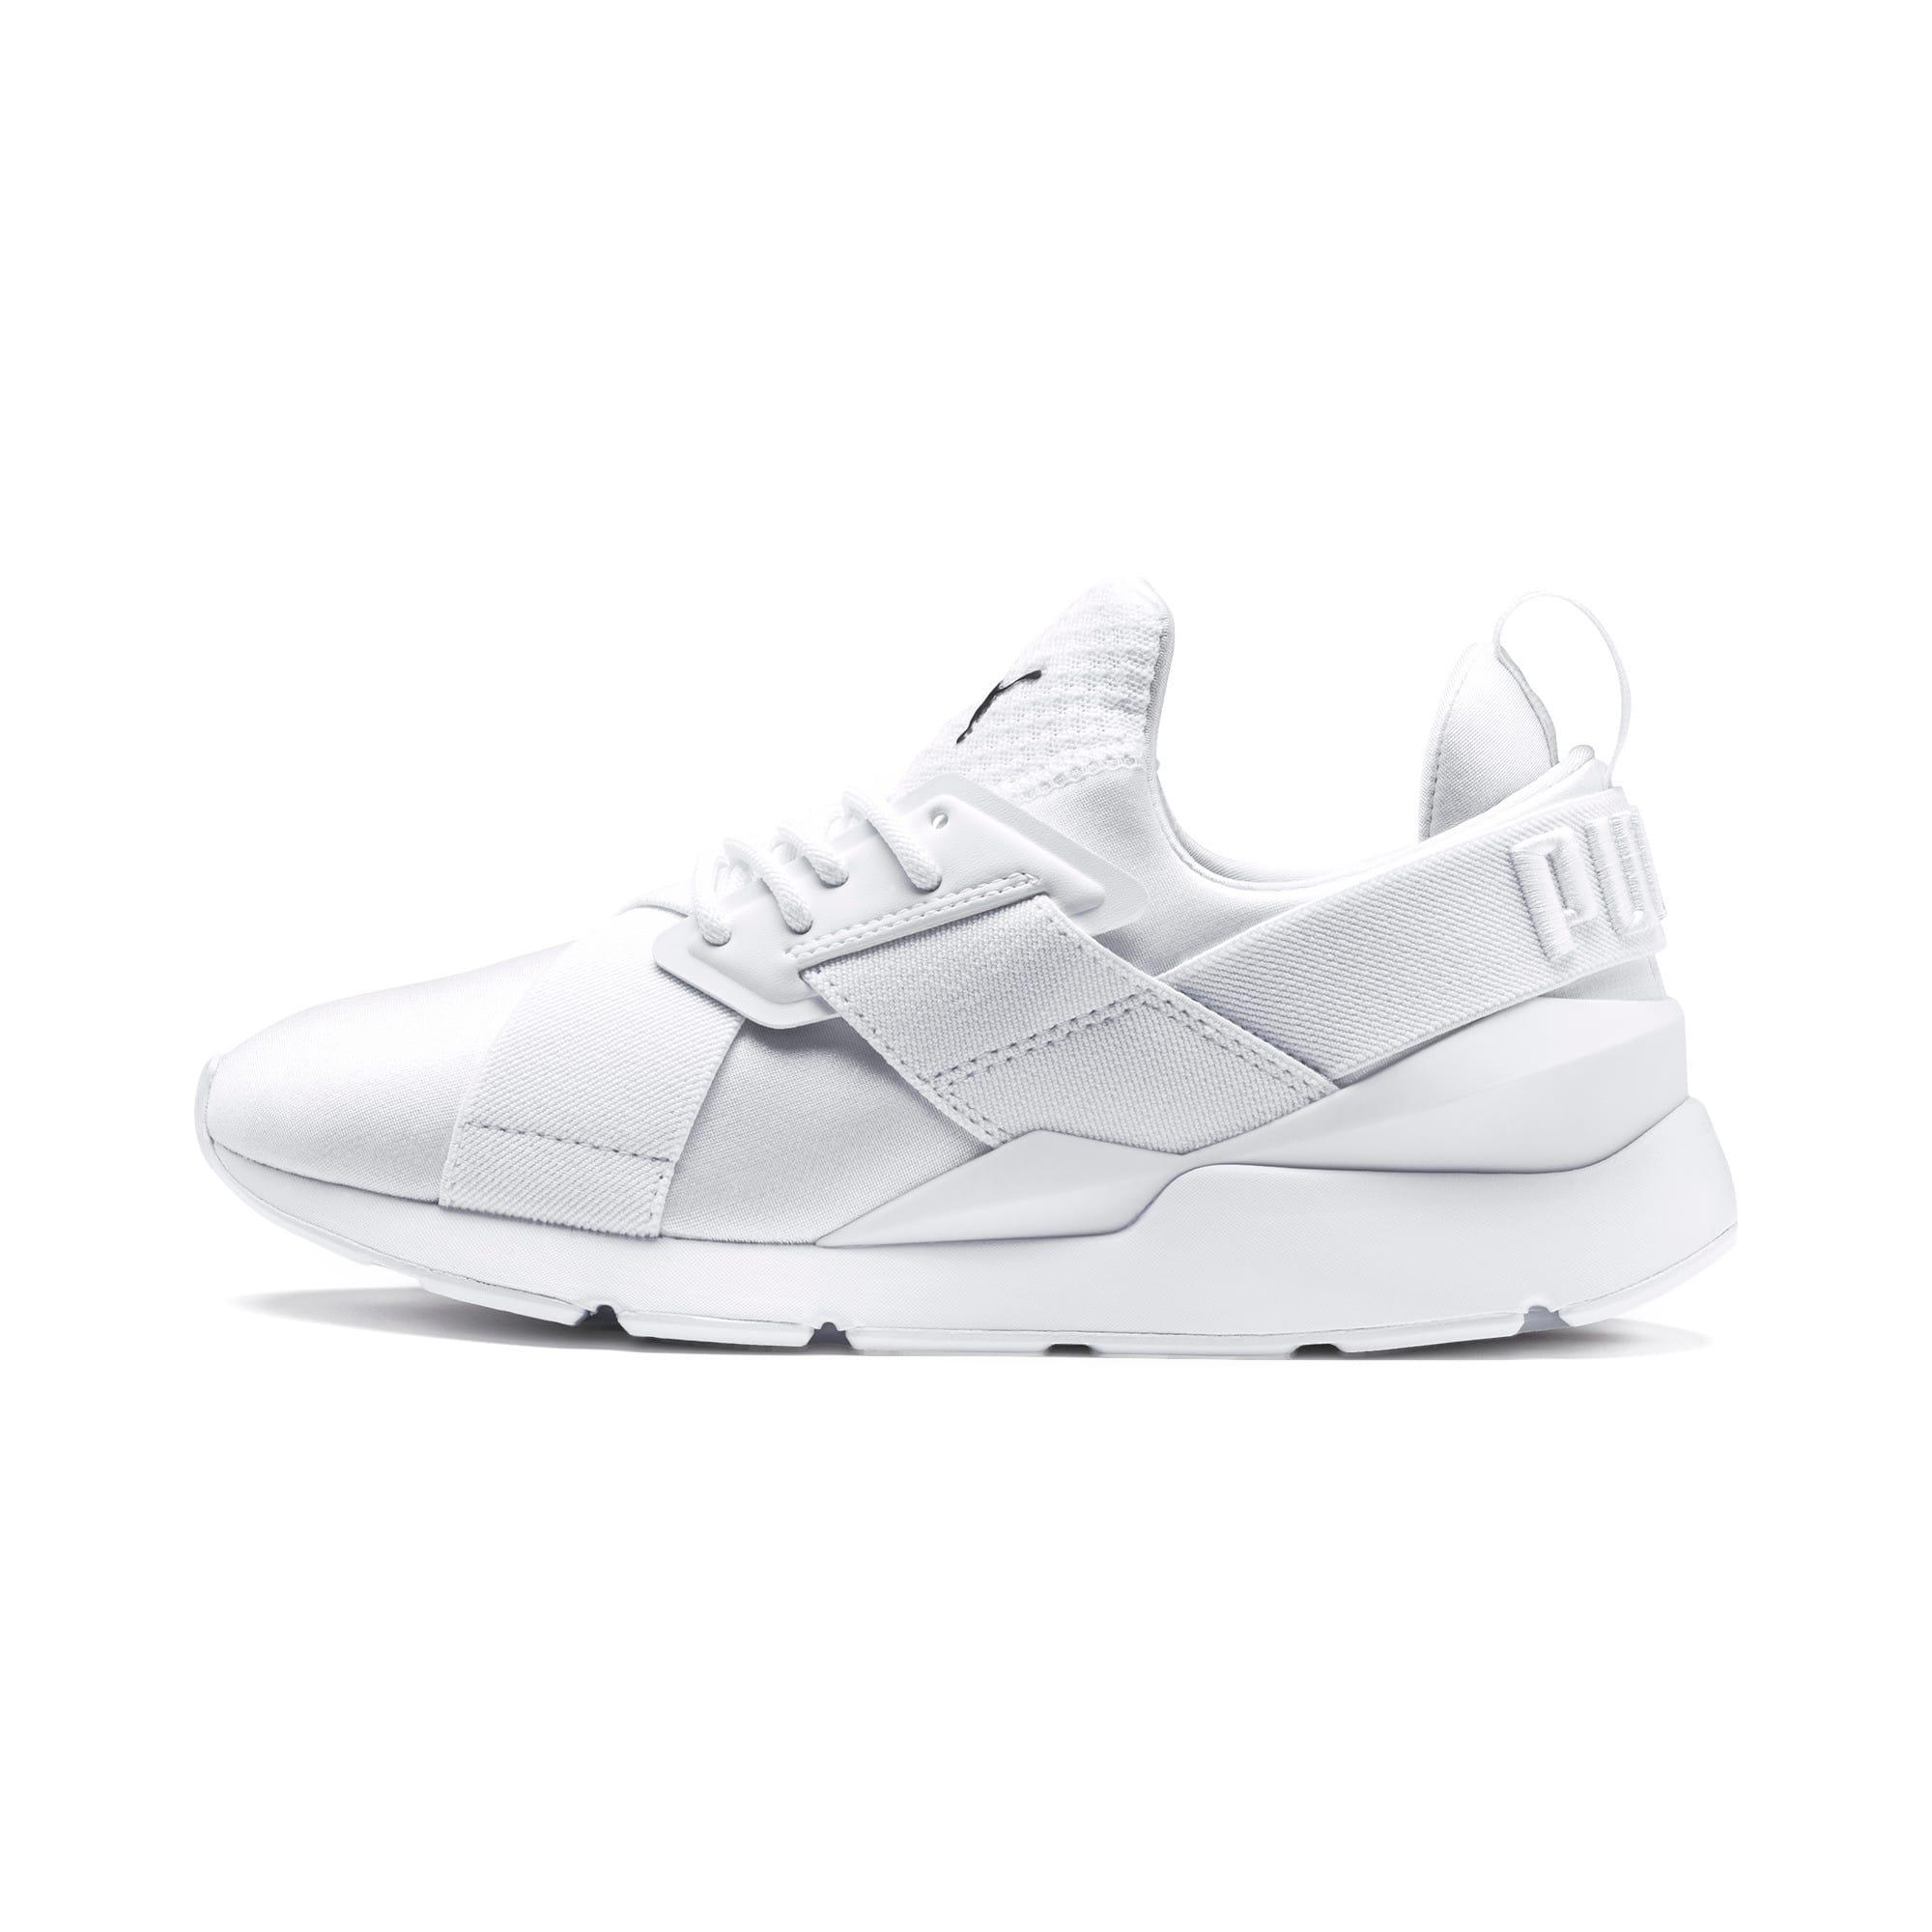 Thumbnail 1 of En Pointe Muse Satin Women's Sneakers, Puma White-Puma White, medium